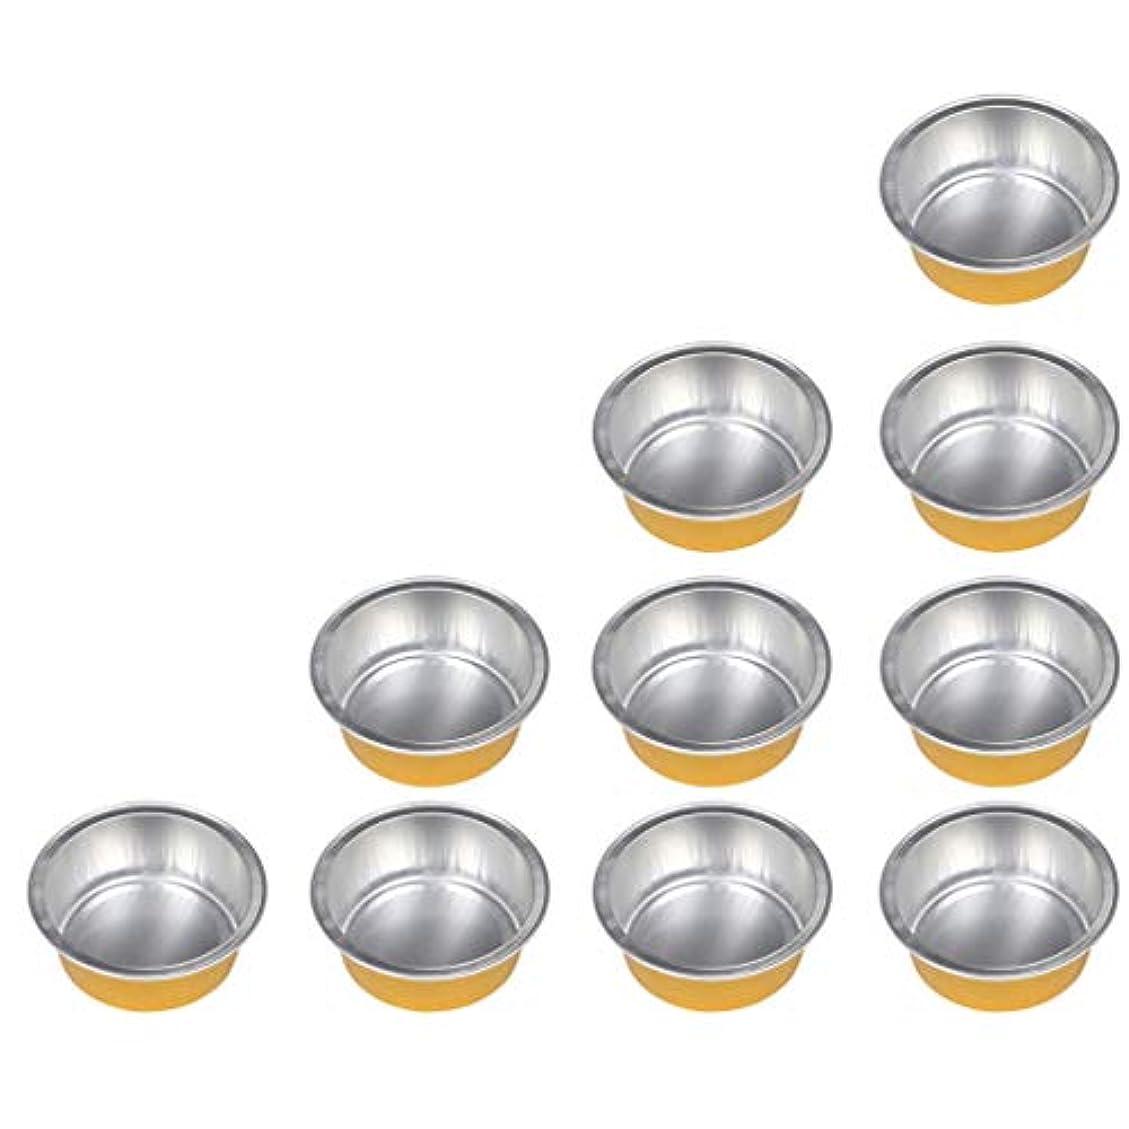 高度ポルトガル語クラックアルミホイルボウル 脱毛 毛除去 10個セット ミニ ワックス豆体 融解 2種選ぶ - ゴールデン1, 01